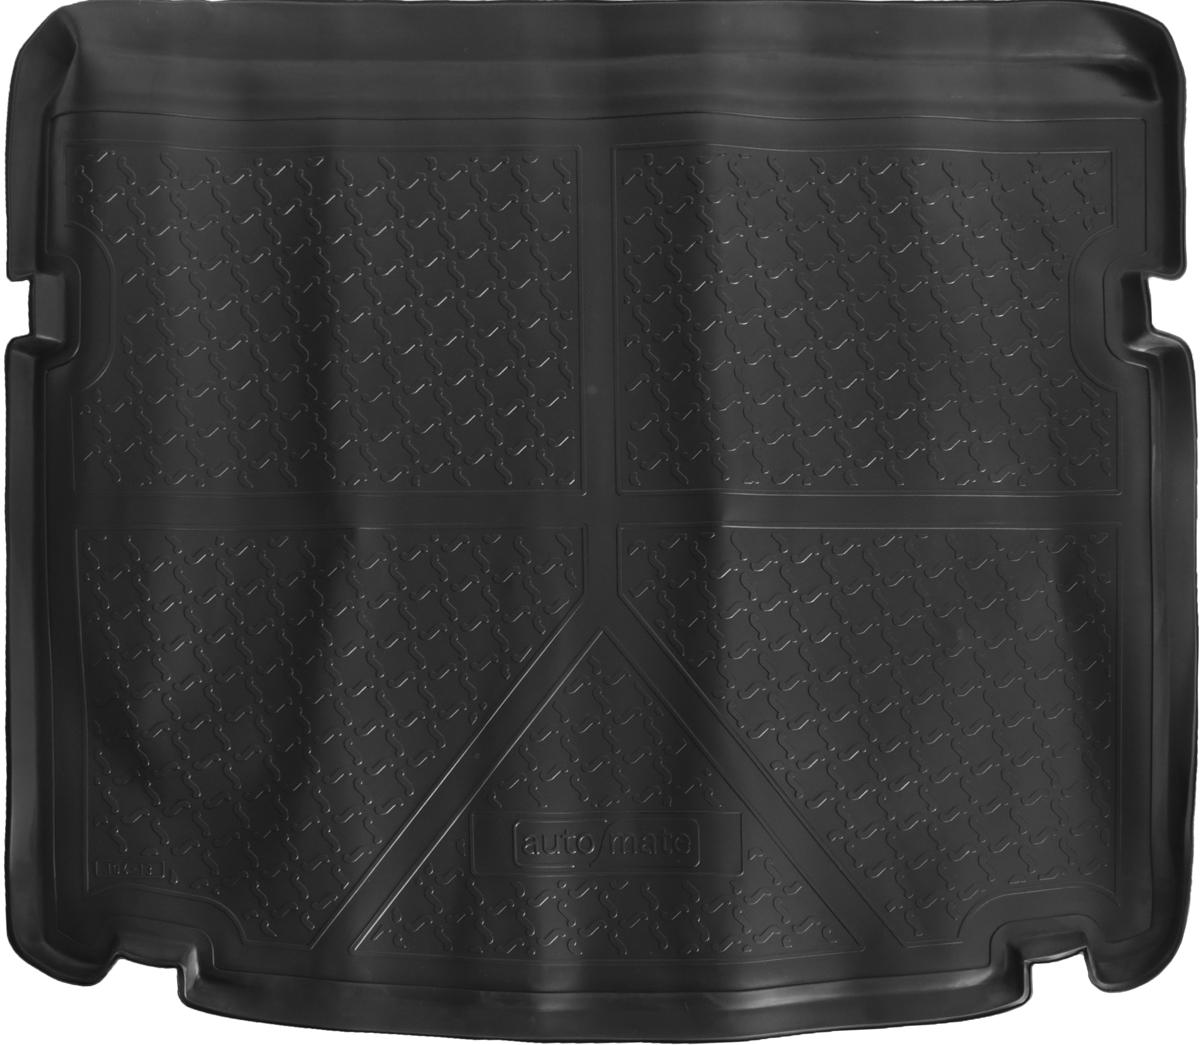 Коврик багажника Rival для Chevrolet Cruze (SD)2009-, полиуретан54 009312Коврик багажника Rival позволяет надежно защитить и сохранить от грязи багажный отсек вашего автомобиля на протяжении всего срока эксплуатации, полностью повторяют геометрию багажника.- Высокий борт специальной конструкции препятствует попаданию разлившейся жидкости и грязи на внутреннюю отделку.- Произведены из первичных материалов, в результате чего отсутствует неприятный запах в салоне автомобиля.- Рисунок обеспечивает противоскользящую поверхность, благодаря которой перевозимые предметы не перекатываются в багажном отделении, а остаются на своих местах.- Высокая эластичность, можно беспрепятственно эксплуатировать при температуре от -45 °C до +45 °C.- Изготовлены из высококачественного и экологичного материала, не подверженного воздействию кислот, щелочей и нефтепродуктов. Уважаемые клиенты!Обращаем ваше внимание,что коврик имеет формусоответствующую модели данного автомобиля. Фото служит для визуального восприятия товара.